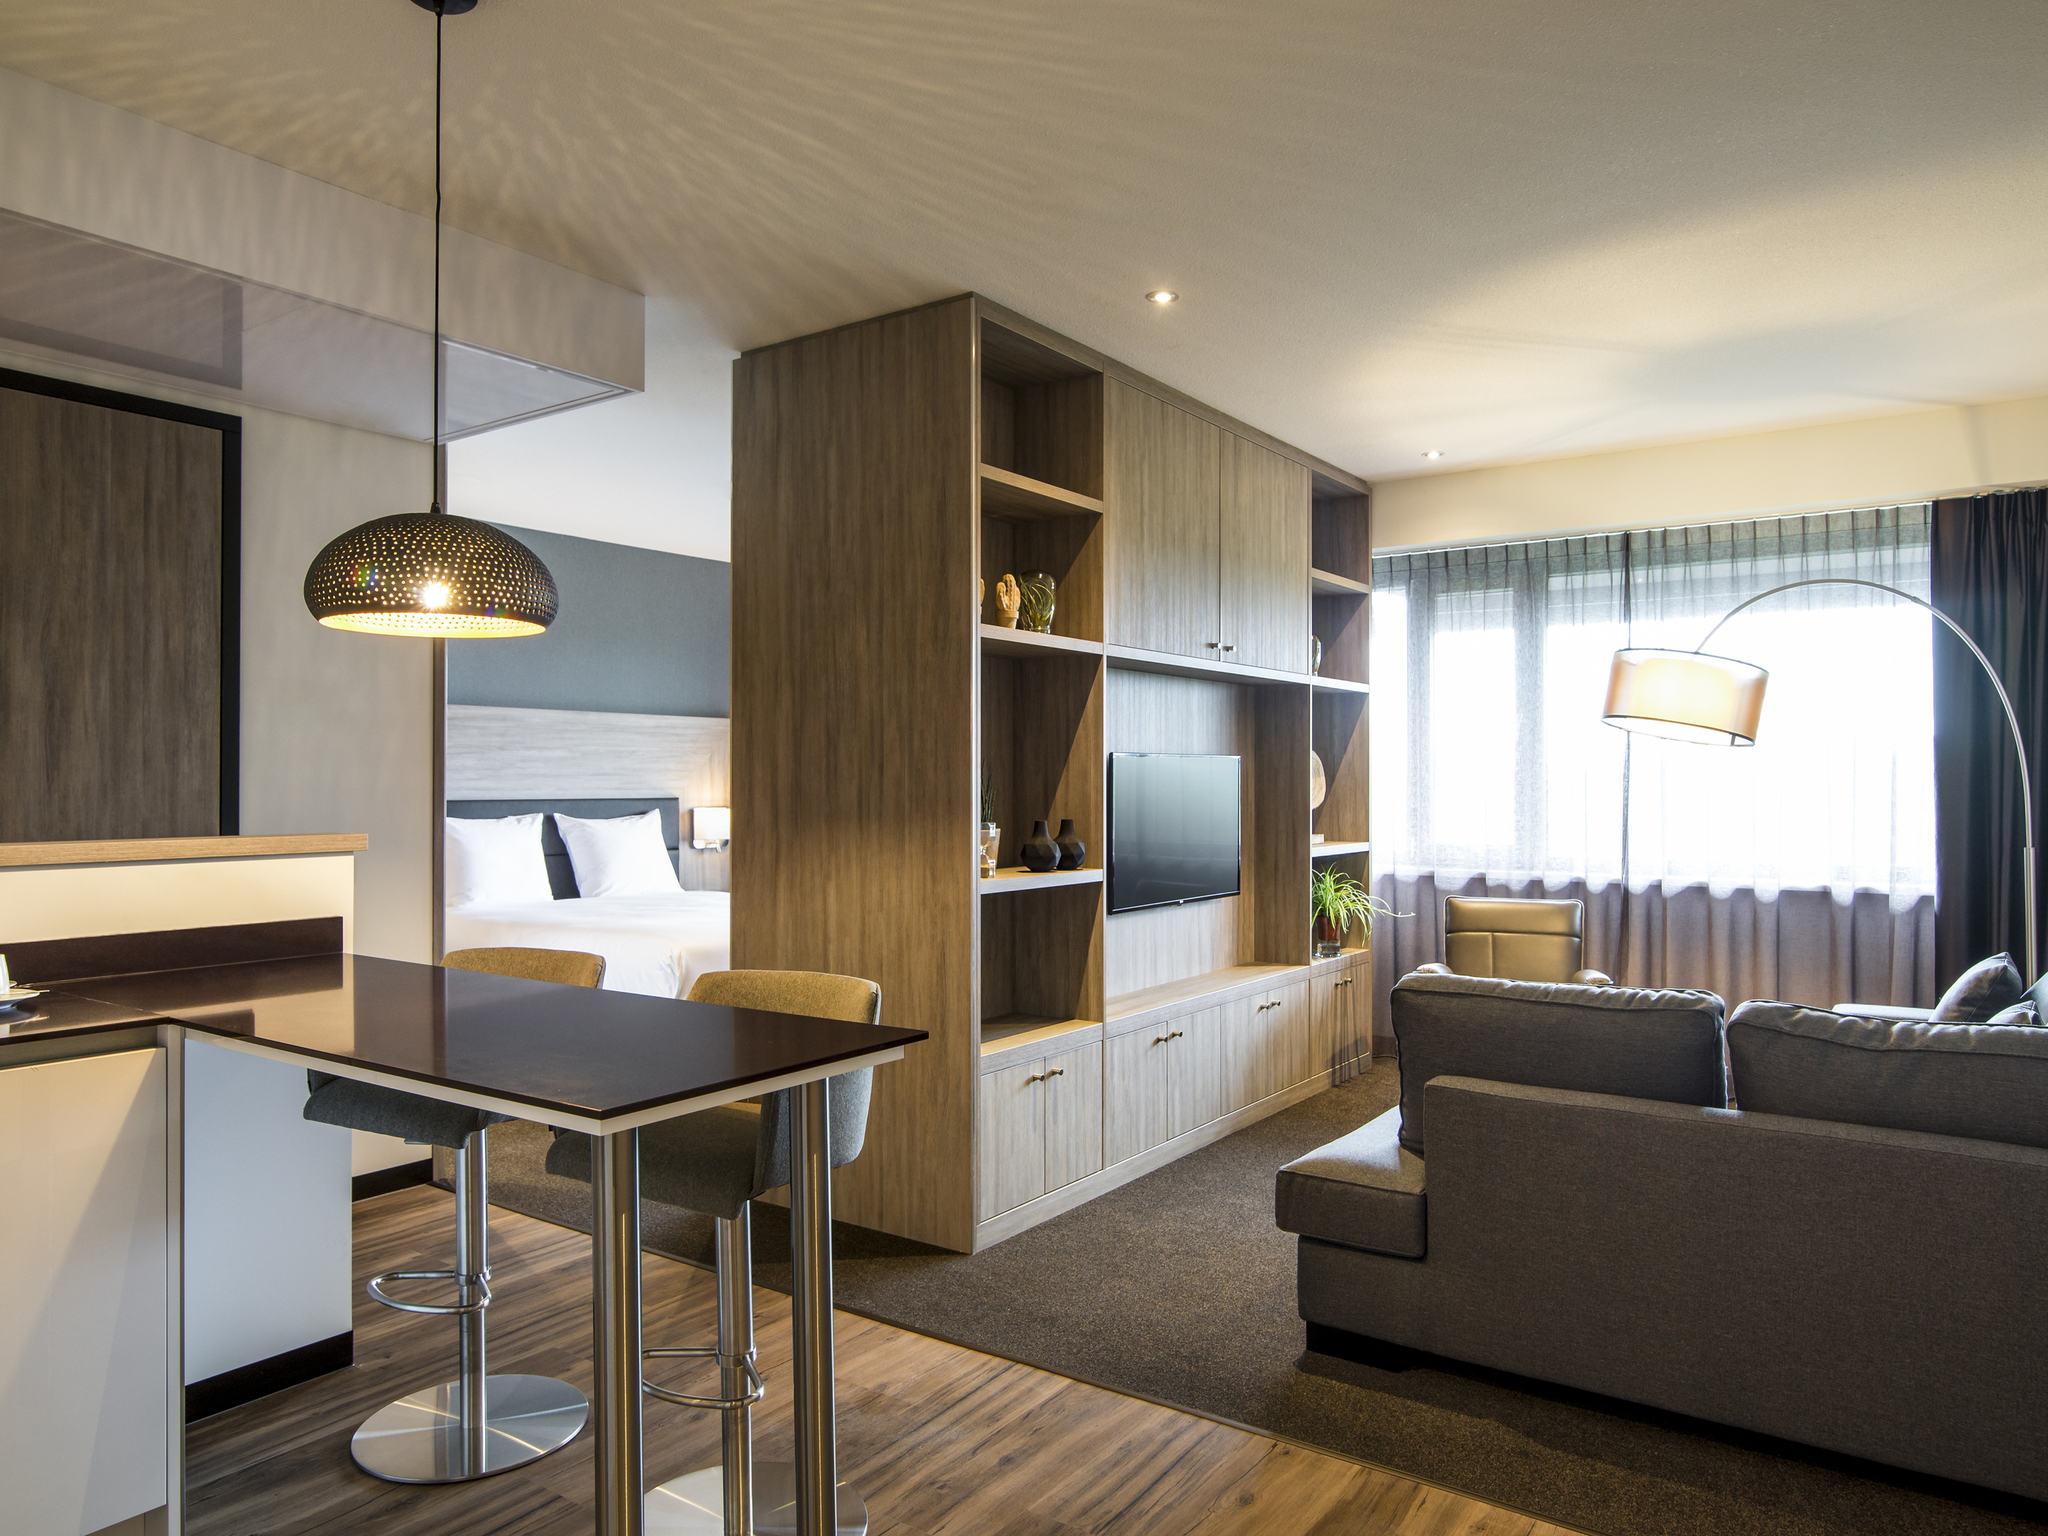 โรงแรม – อพาร์ทโฮเทล อดาจิโอ อัมสเตอร์ดัม ซิตี้ เซาท์